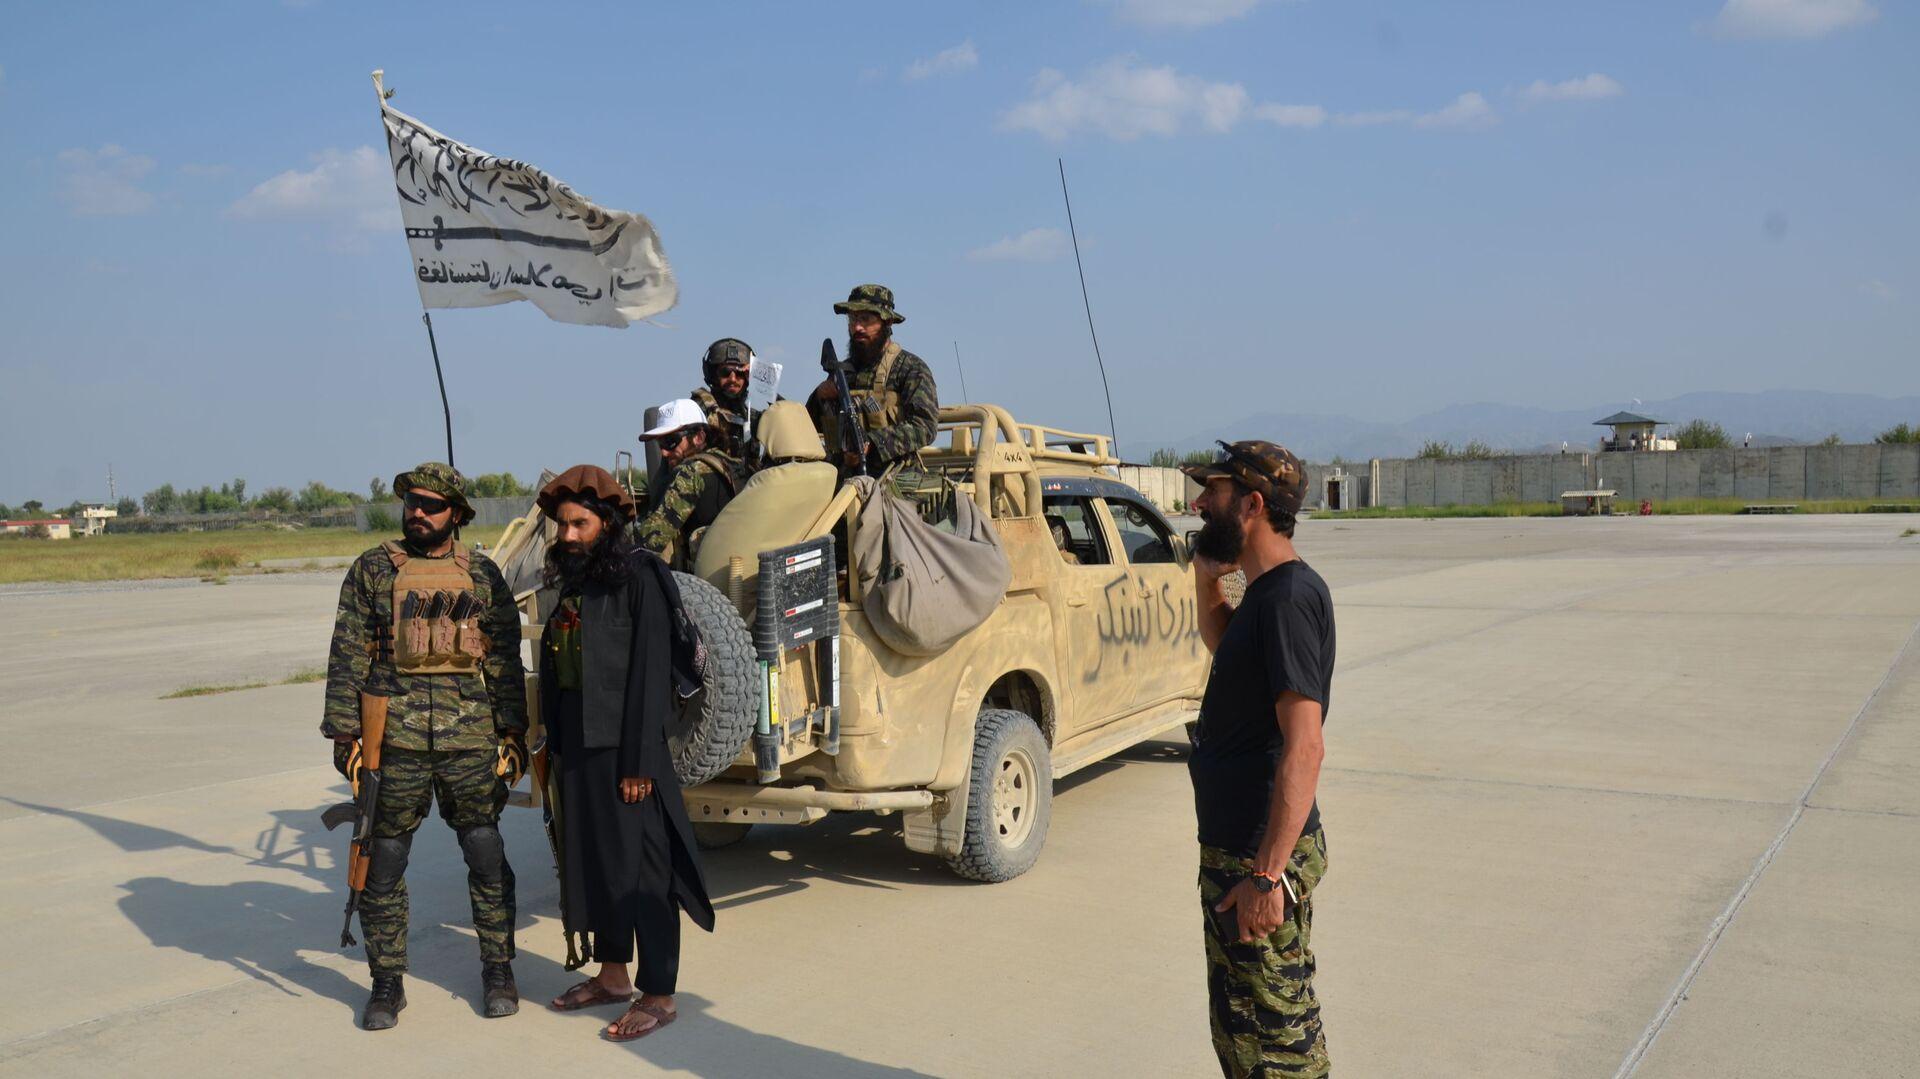 Była duża baza USA w Chost pod kontrolą talibów. Baza ta była uważana za największe centrum zarządzania operacjami w południowo-wschodnim Afganistanie i mieściła tysiące amerykańskich żołnierzy. Przed odejściem Amerykanie zniszczyli większość sprzętu. - Sputnik Polska, 1920, 10.10.2021